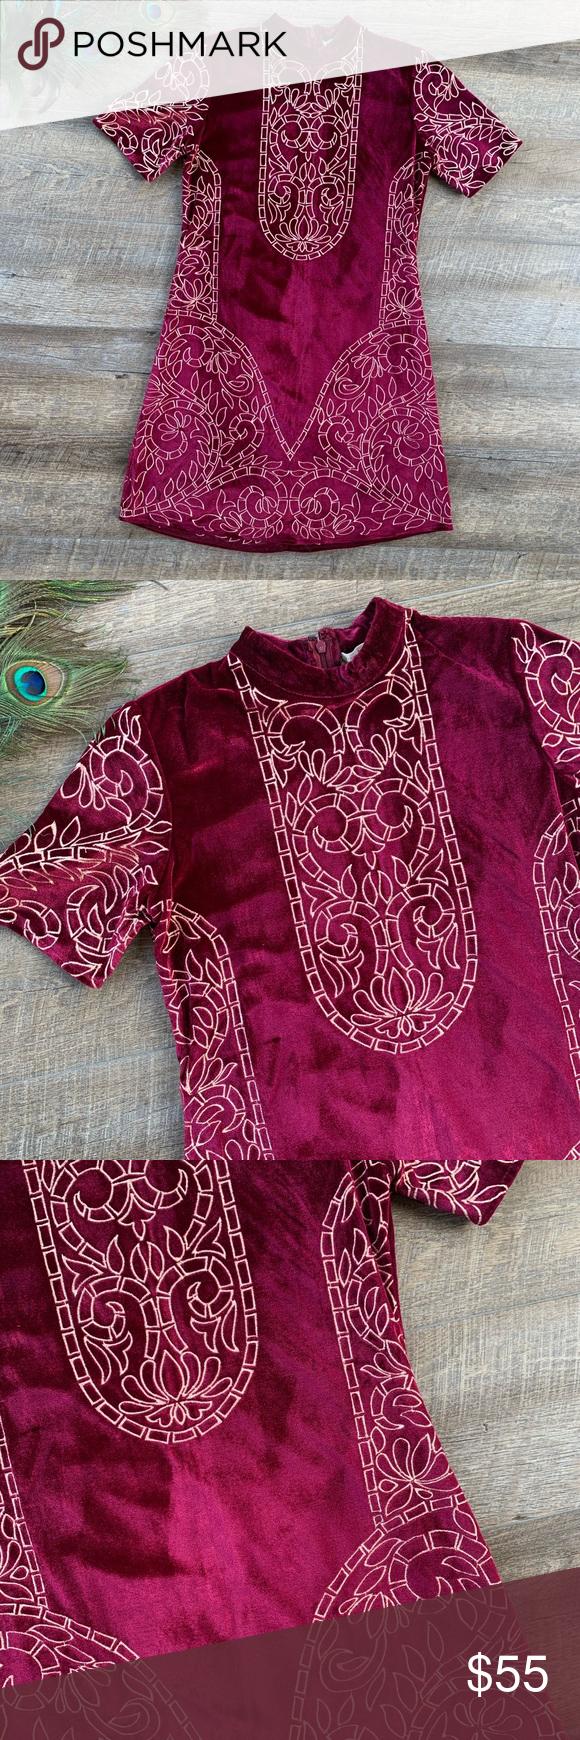 NWT Chelsea & Violet Burgundy Velvet Dress